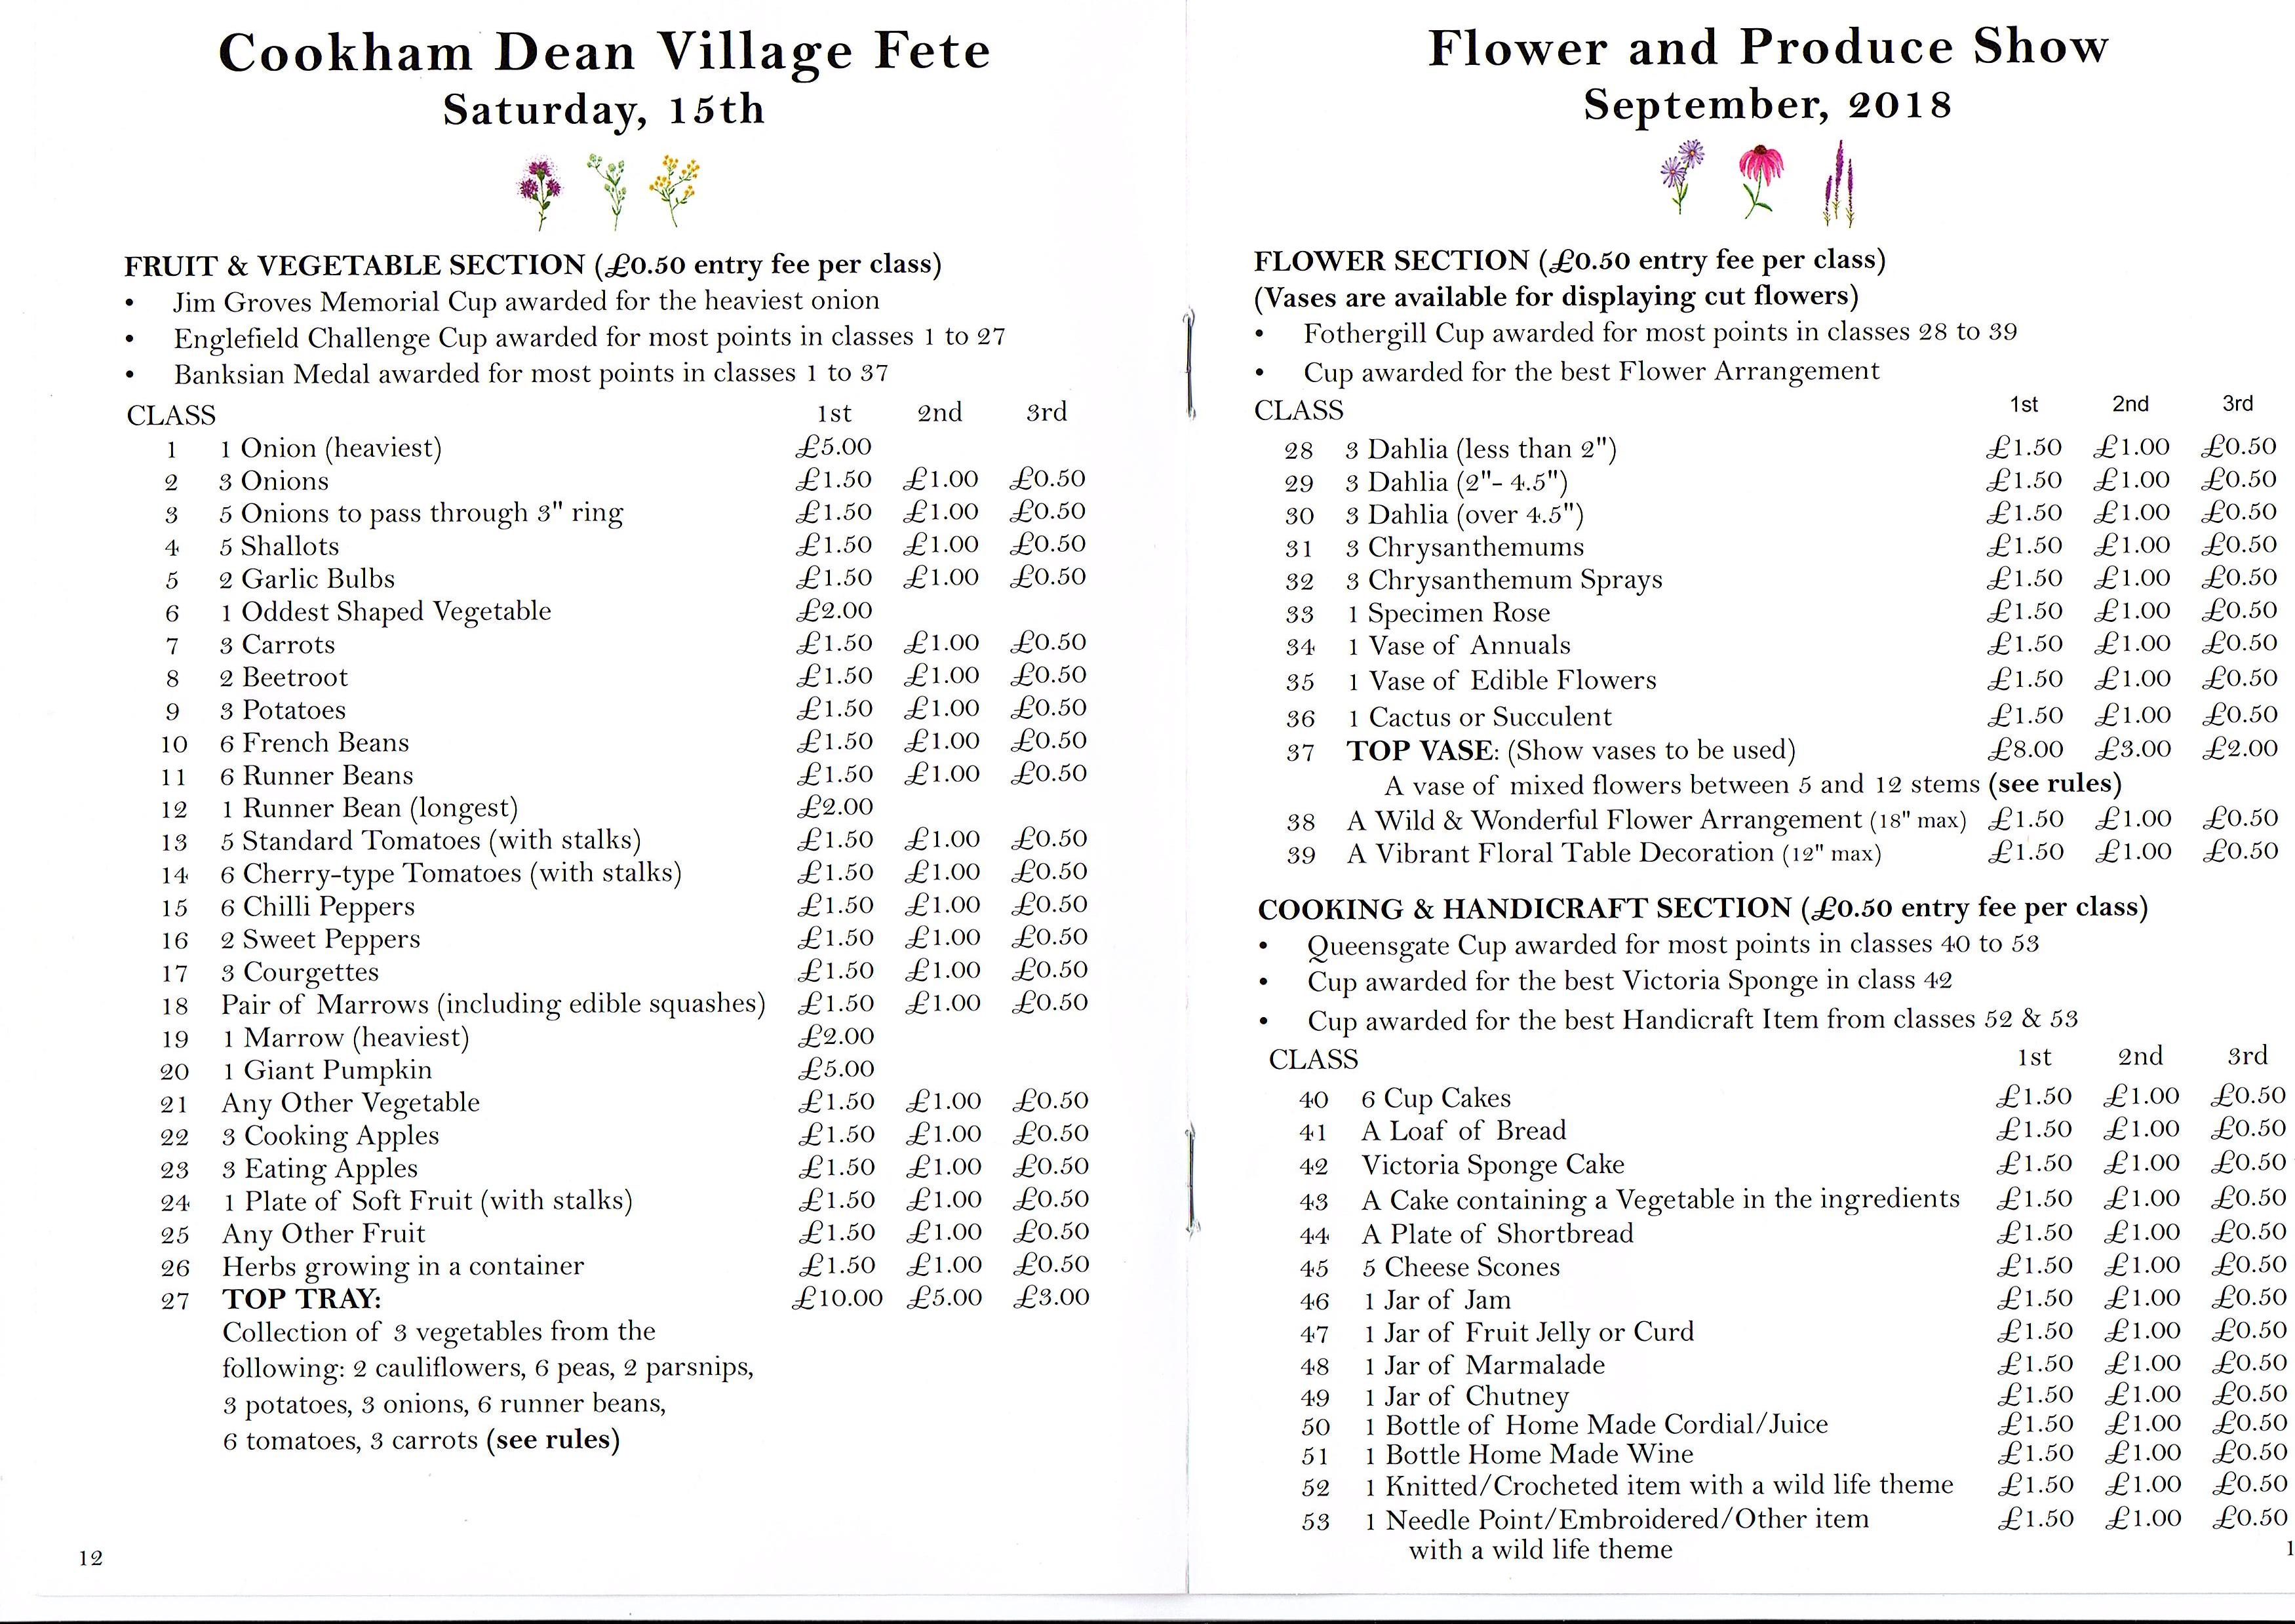 Cookham show schedule 2018